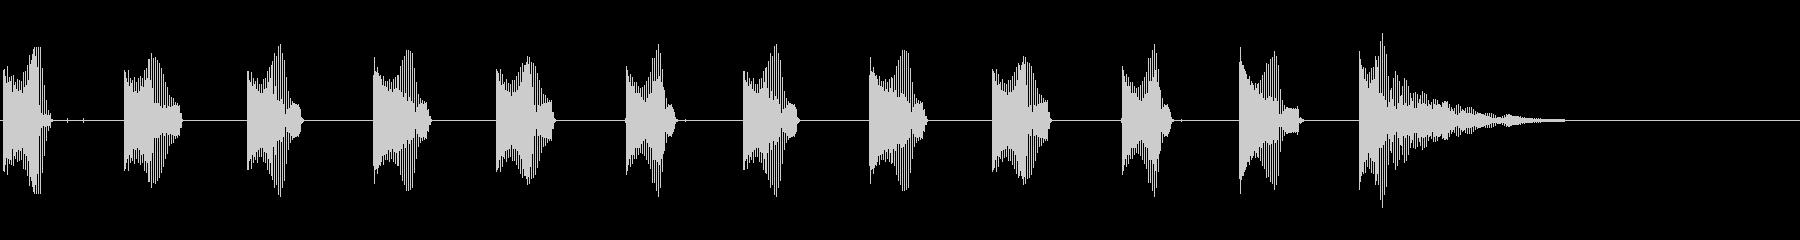 スモールジョーズハープ:ホッピング...の未再生の波形